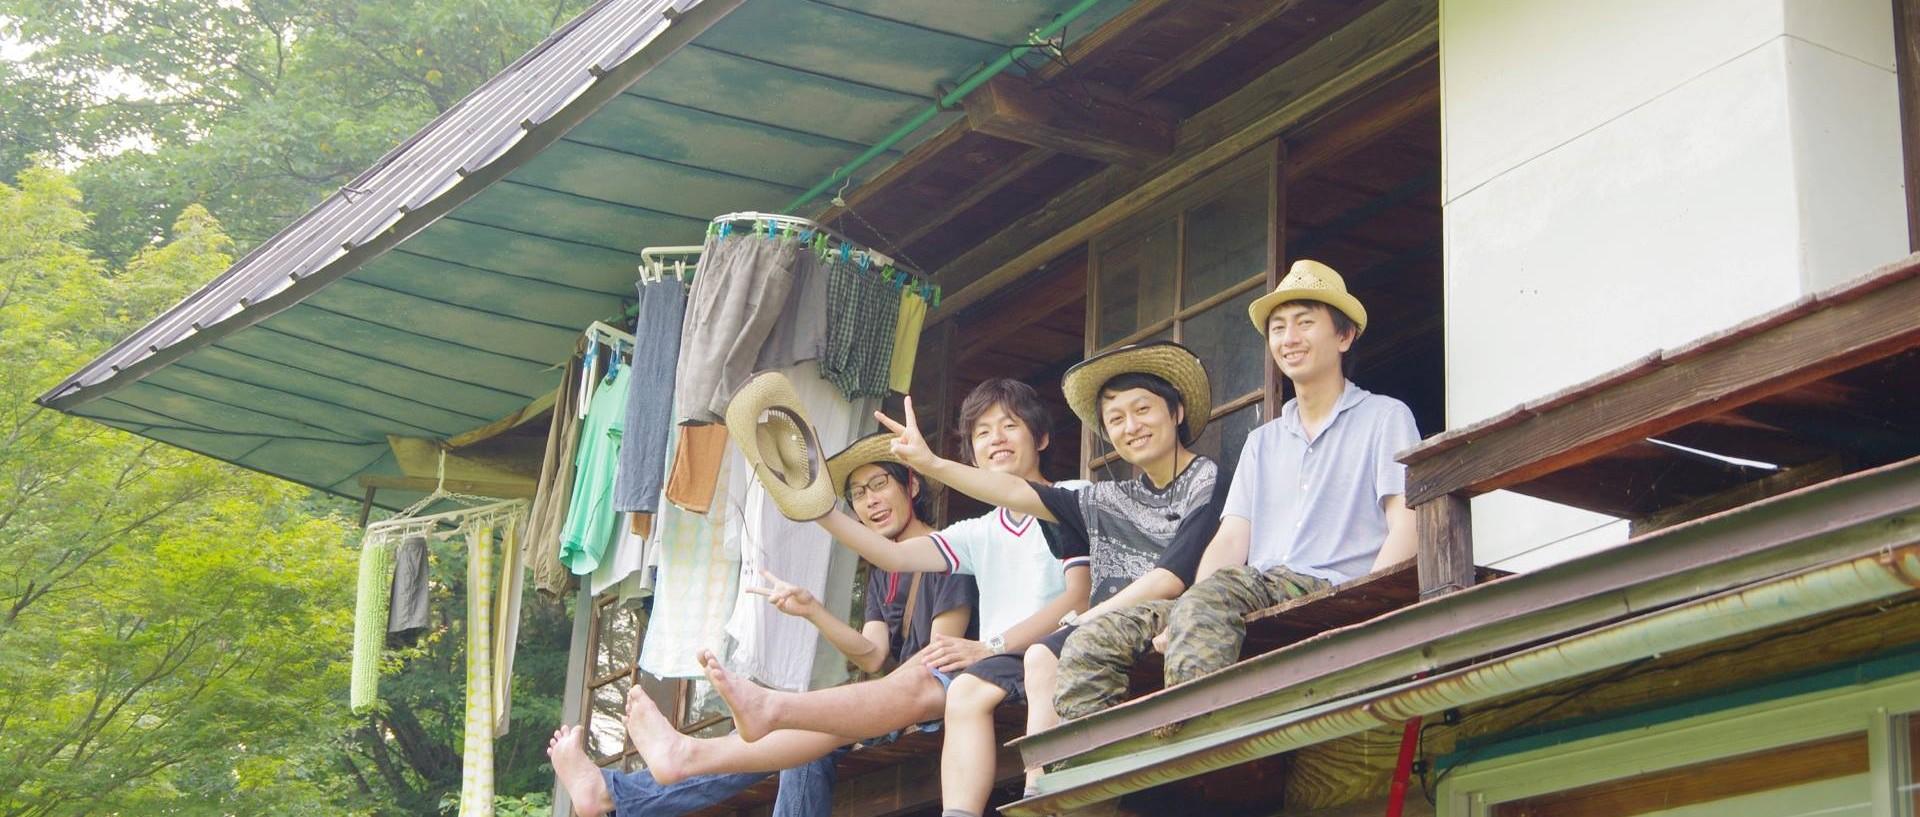 実例3.夏休みを満喫する男子の同窓会